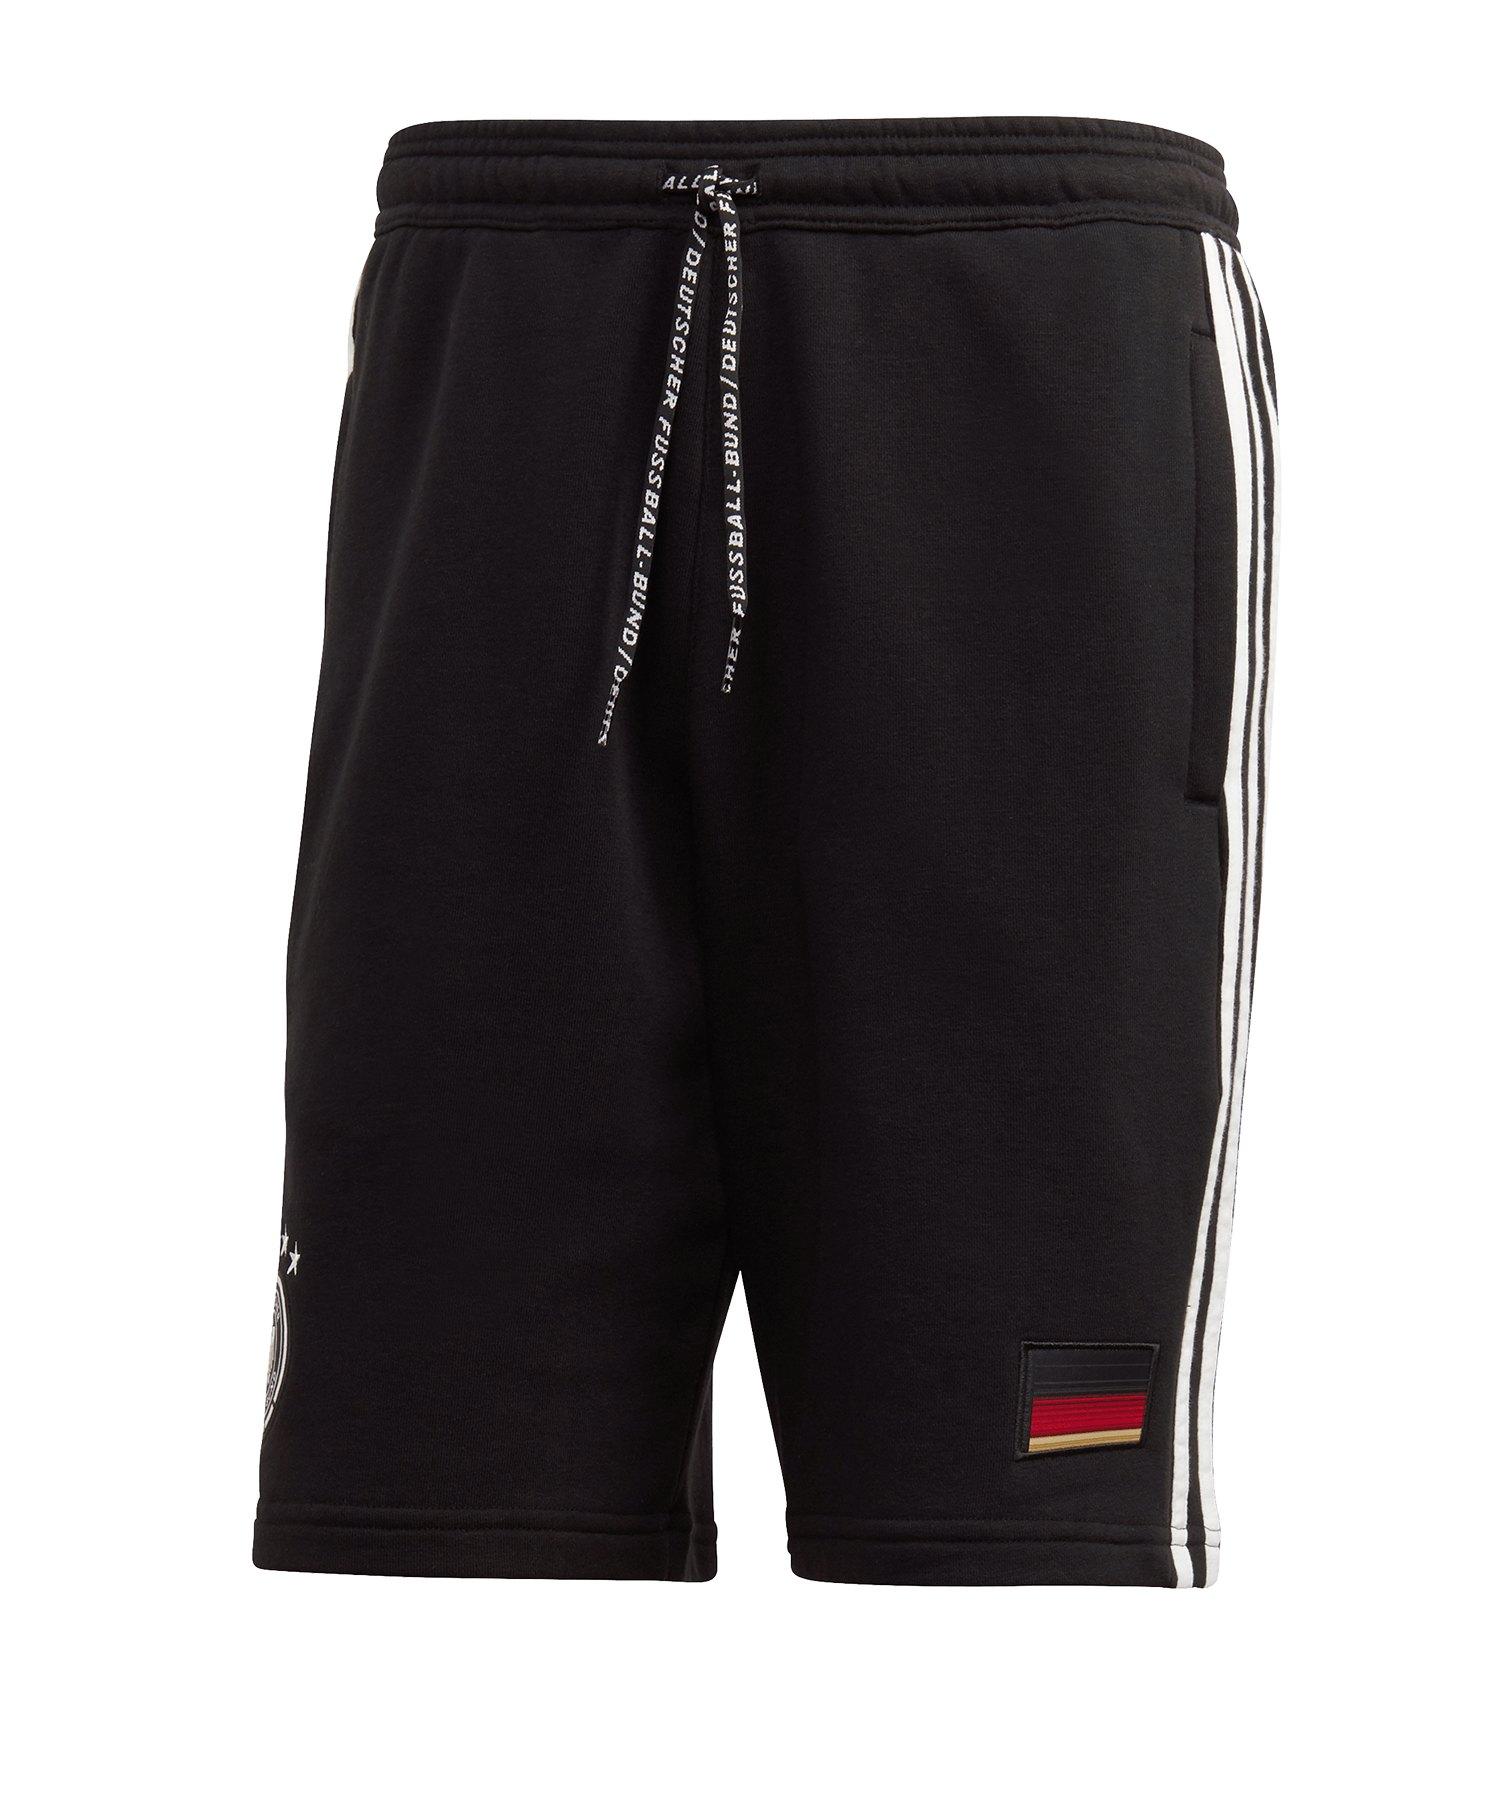 adidas DFB Deutschland 3S Short Schwarz - schwarz